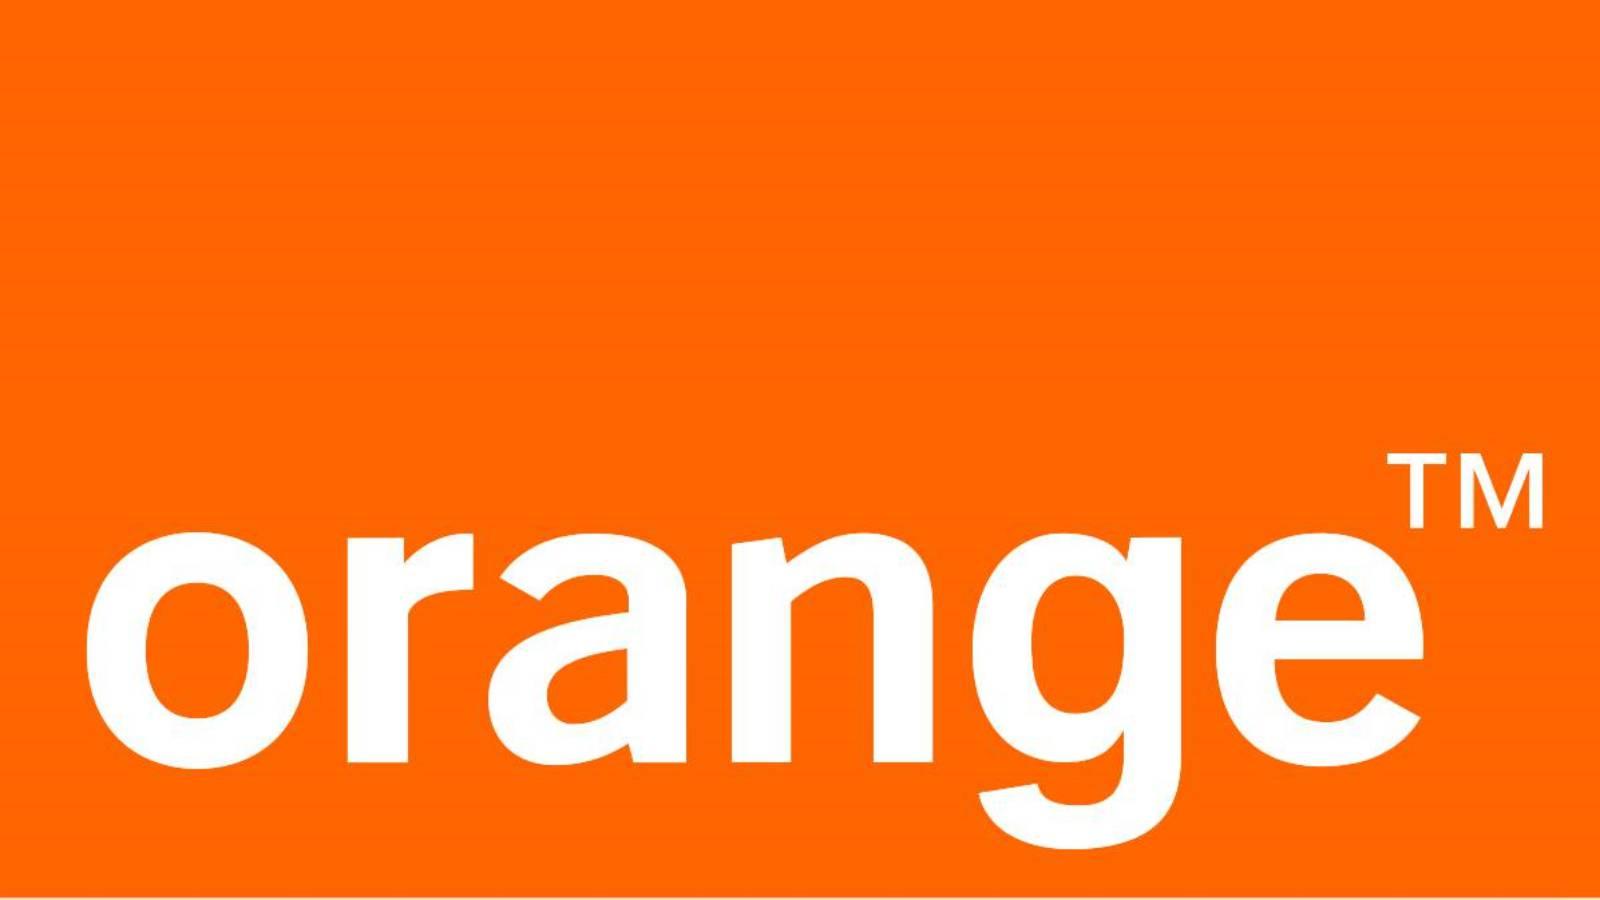 Orange periodic